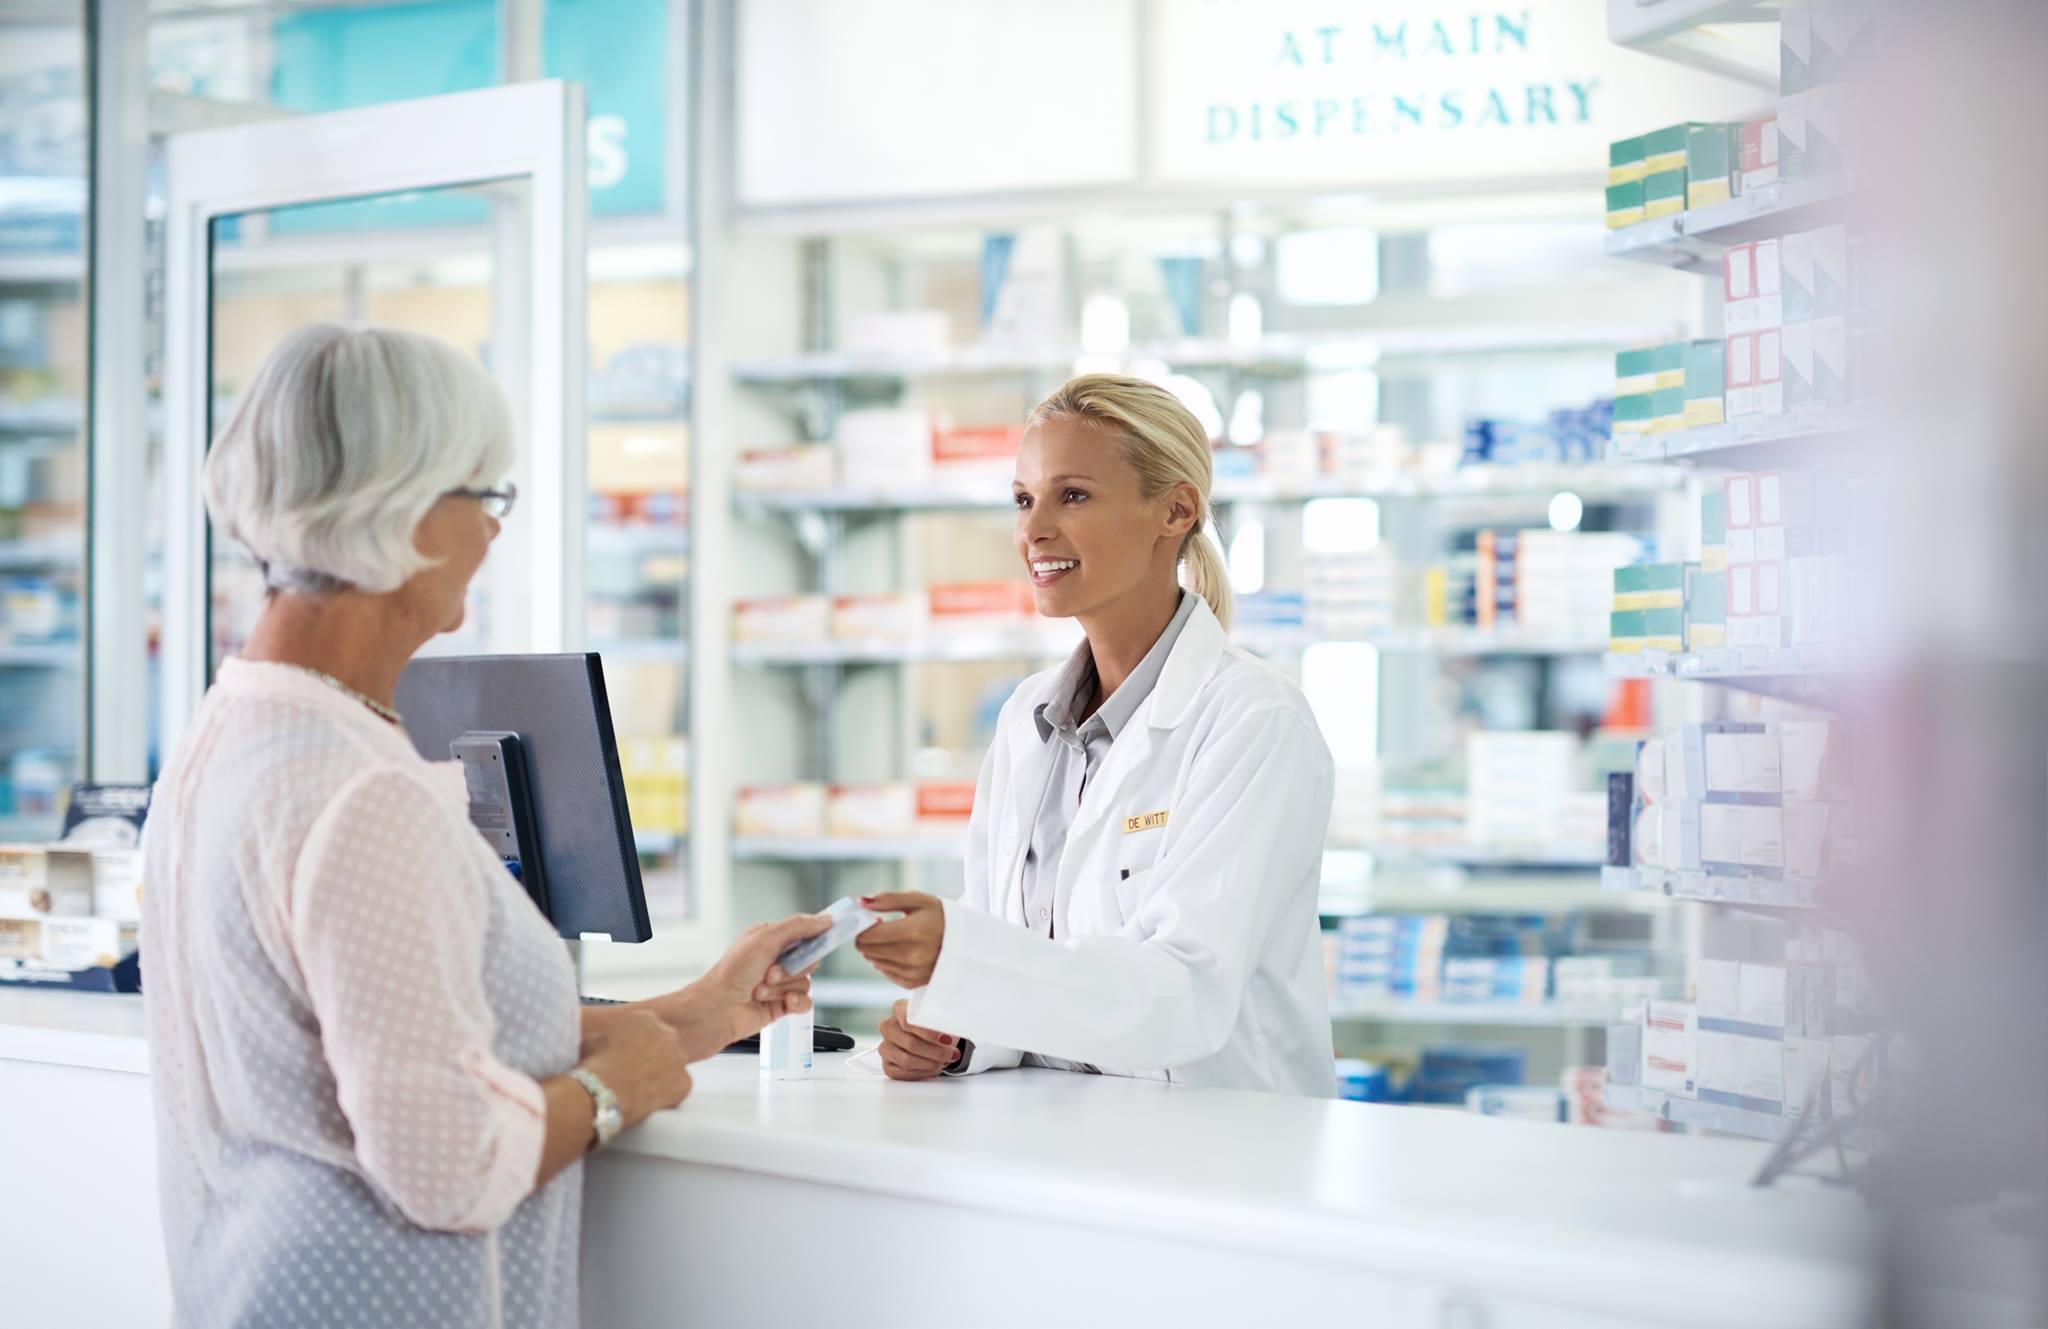 pharmacy - photo #38